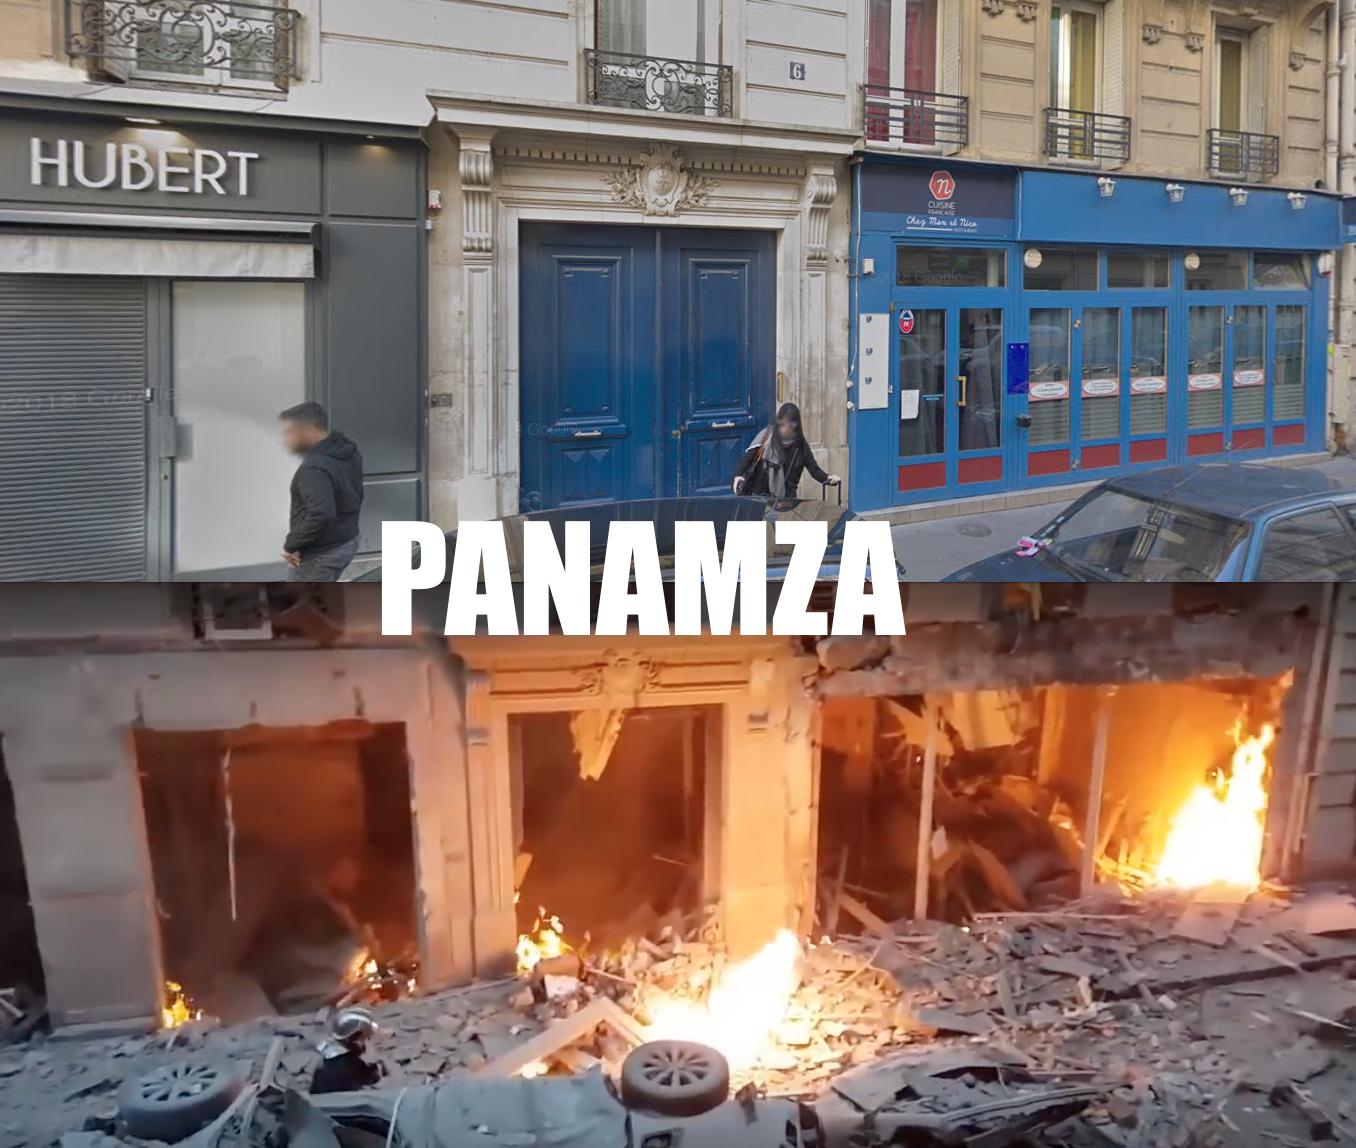 Explosion «accidentelle» dans Paris ? La boulangerie n'utilisait pas de gaz